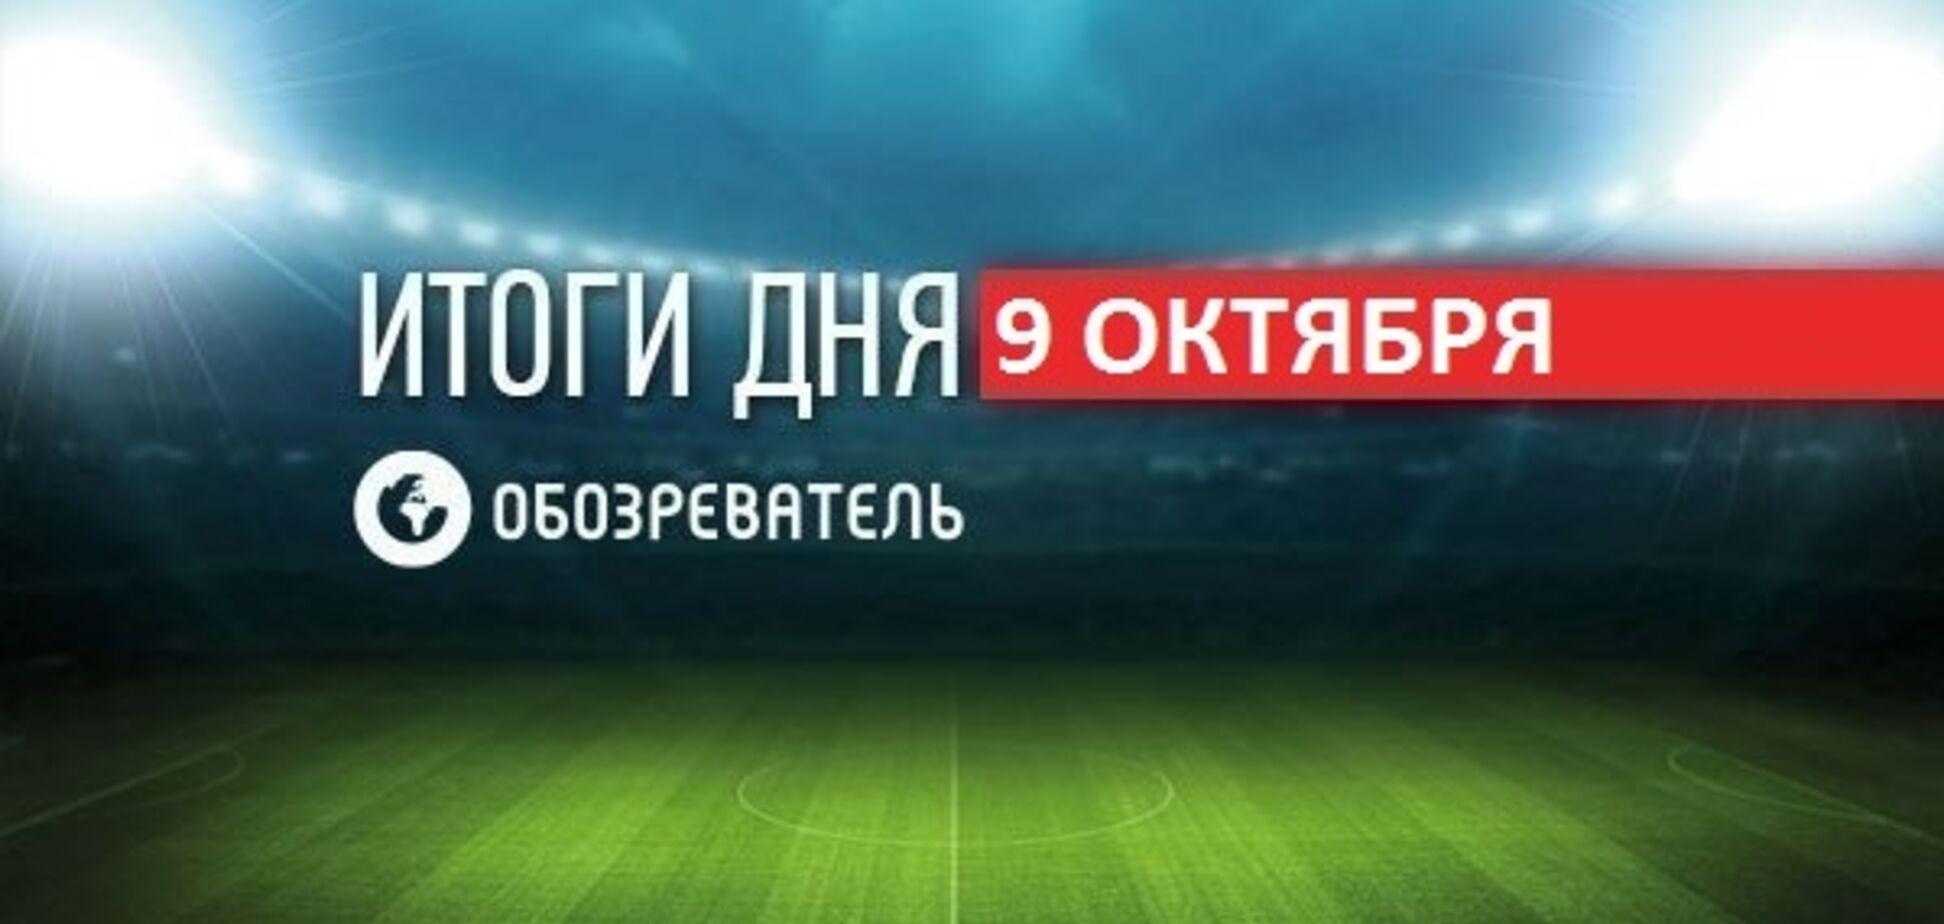 Помощница Шевченко отреагировала на призыв показать грудь: спортивные итоги 9 октября